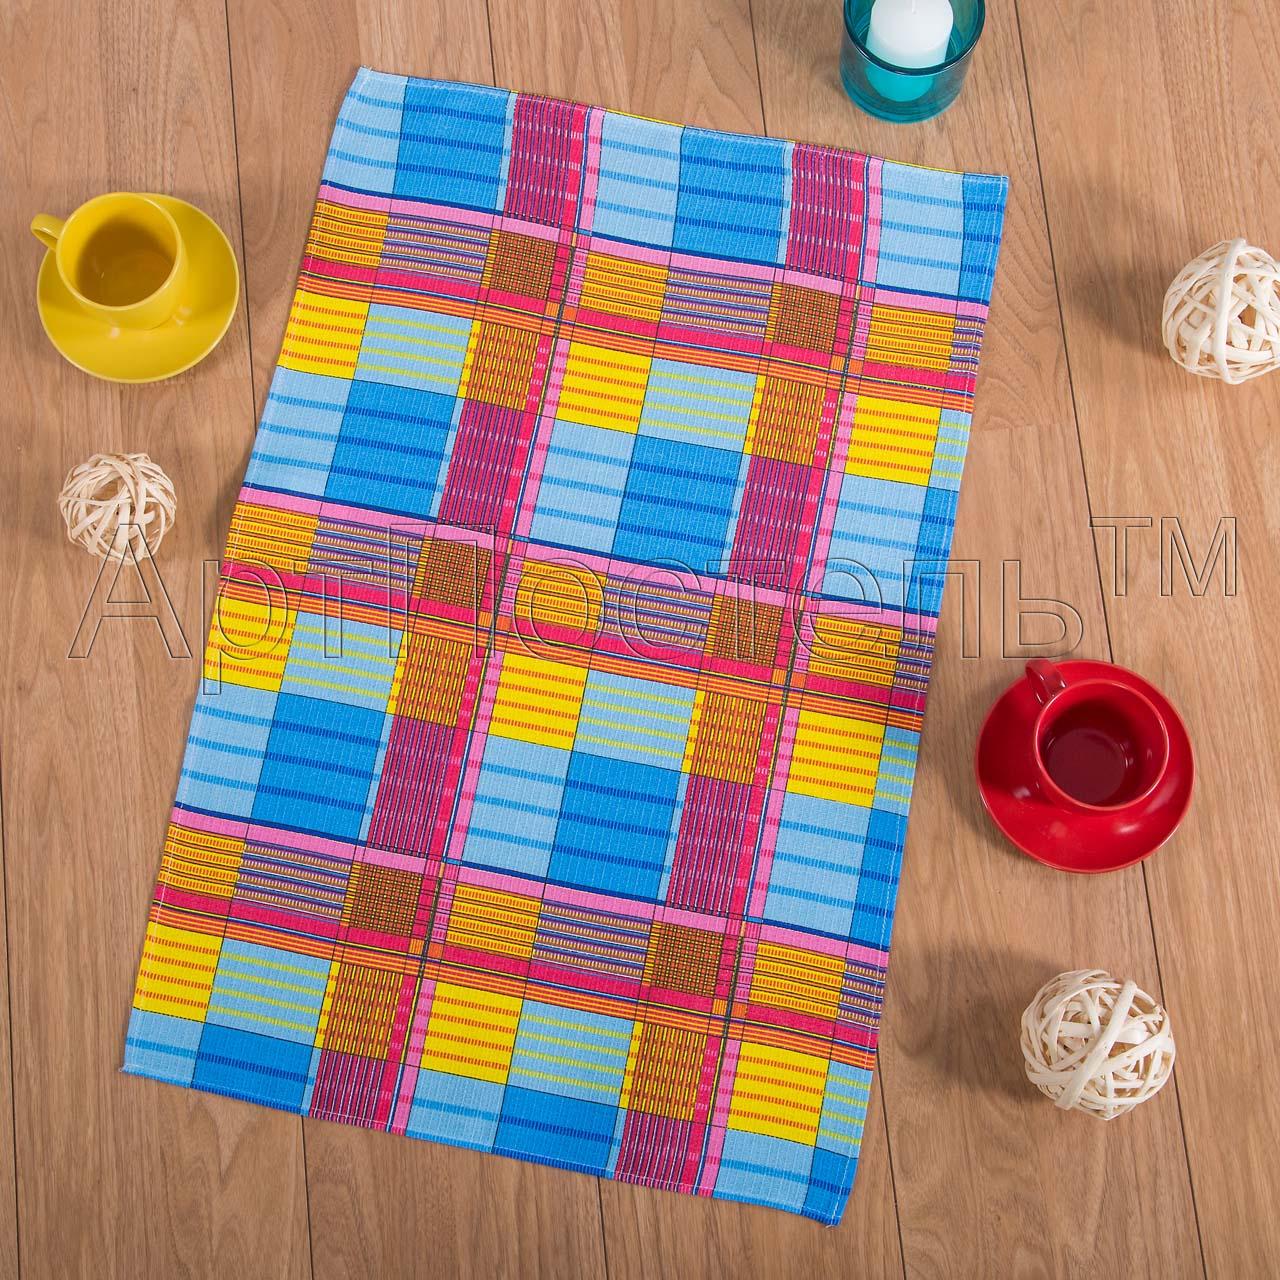 Вафельное полотенце Ямайка р. 50х70Вафельные полотенца<br>Плотность: 160 г/кв. м<br><br>Тип: Вафельное полотенце<br>Размер: 50х70<br>Материал: Вафельное полотно